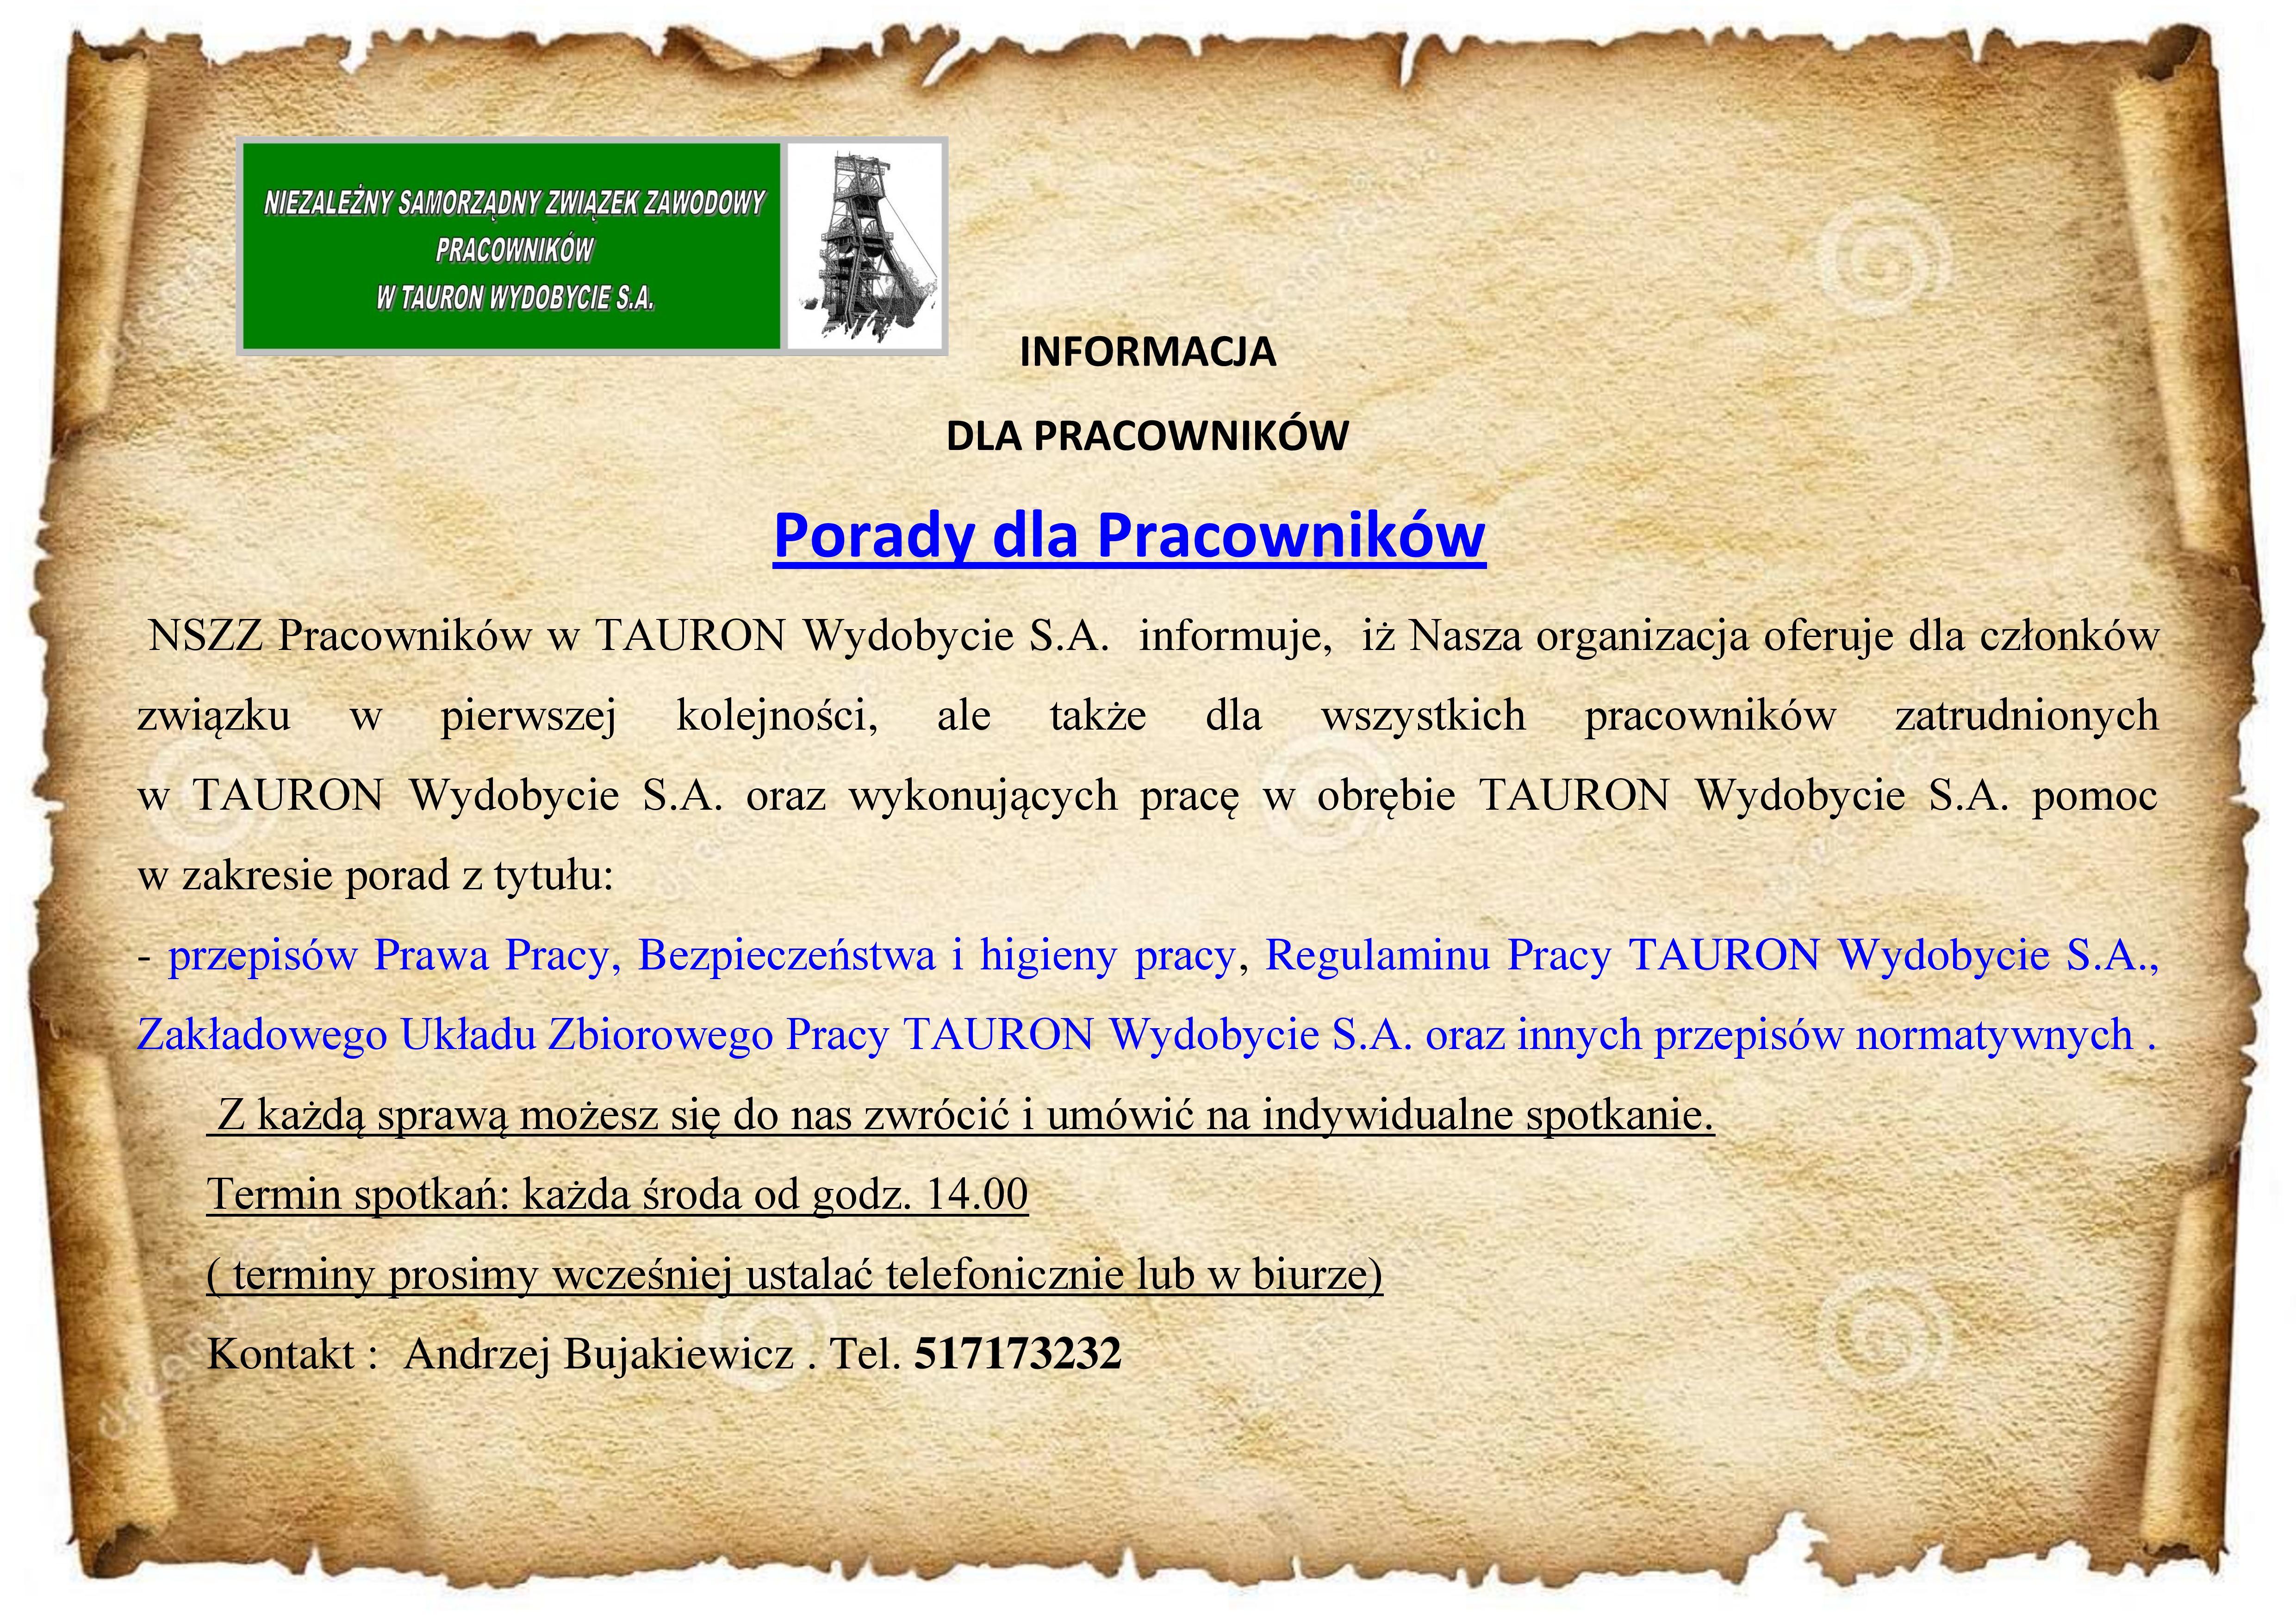 informacja dla pracownikow-page-001